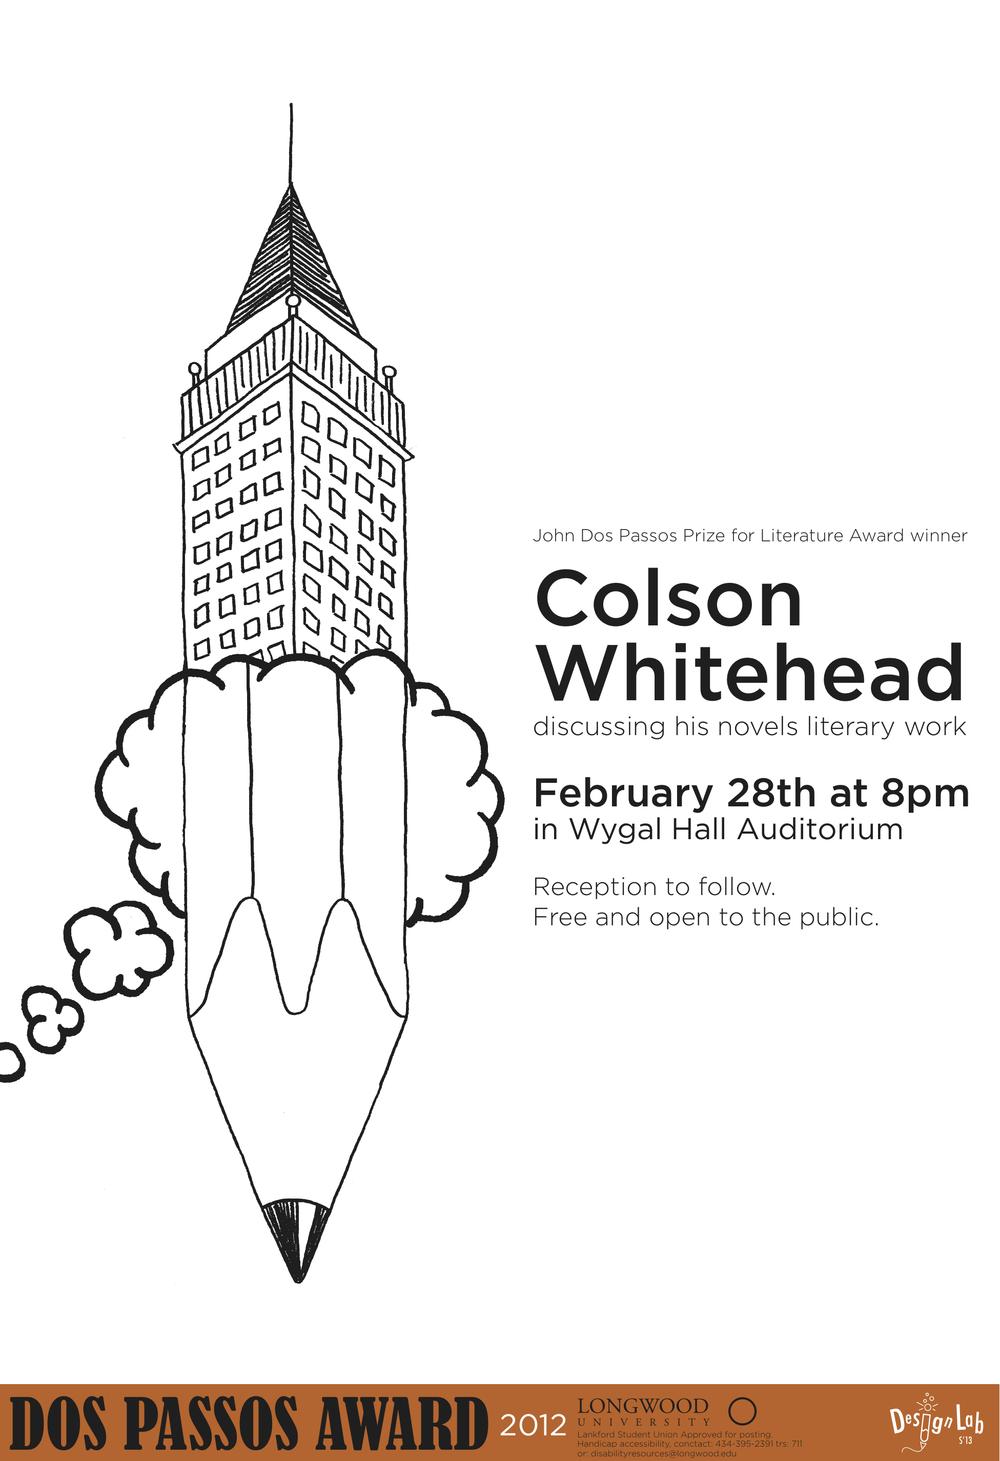 Dos Passos Poster: Colson Whitehead